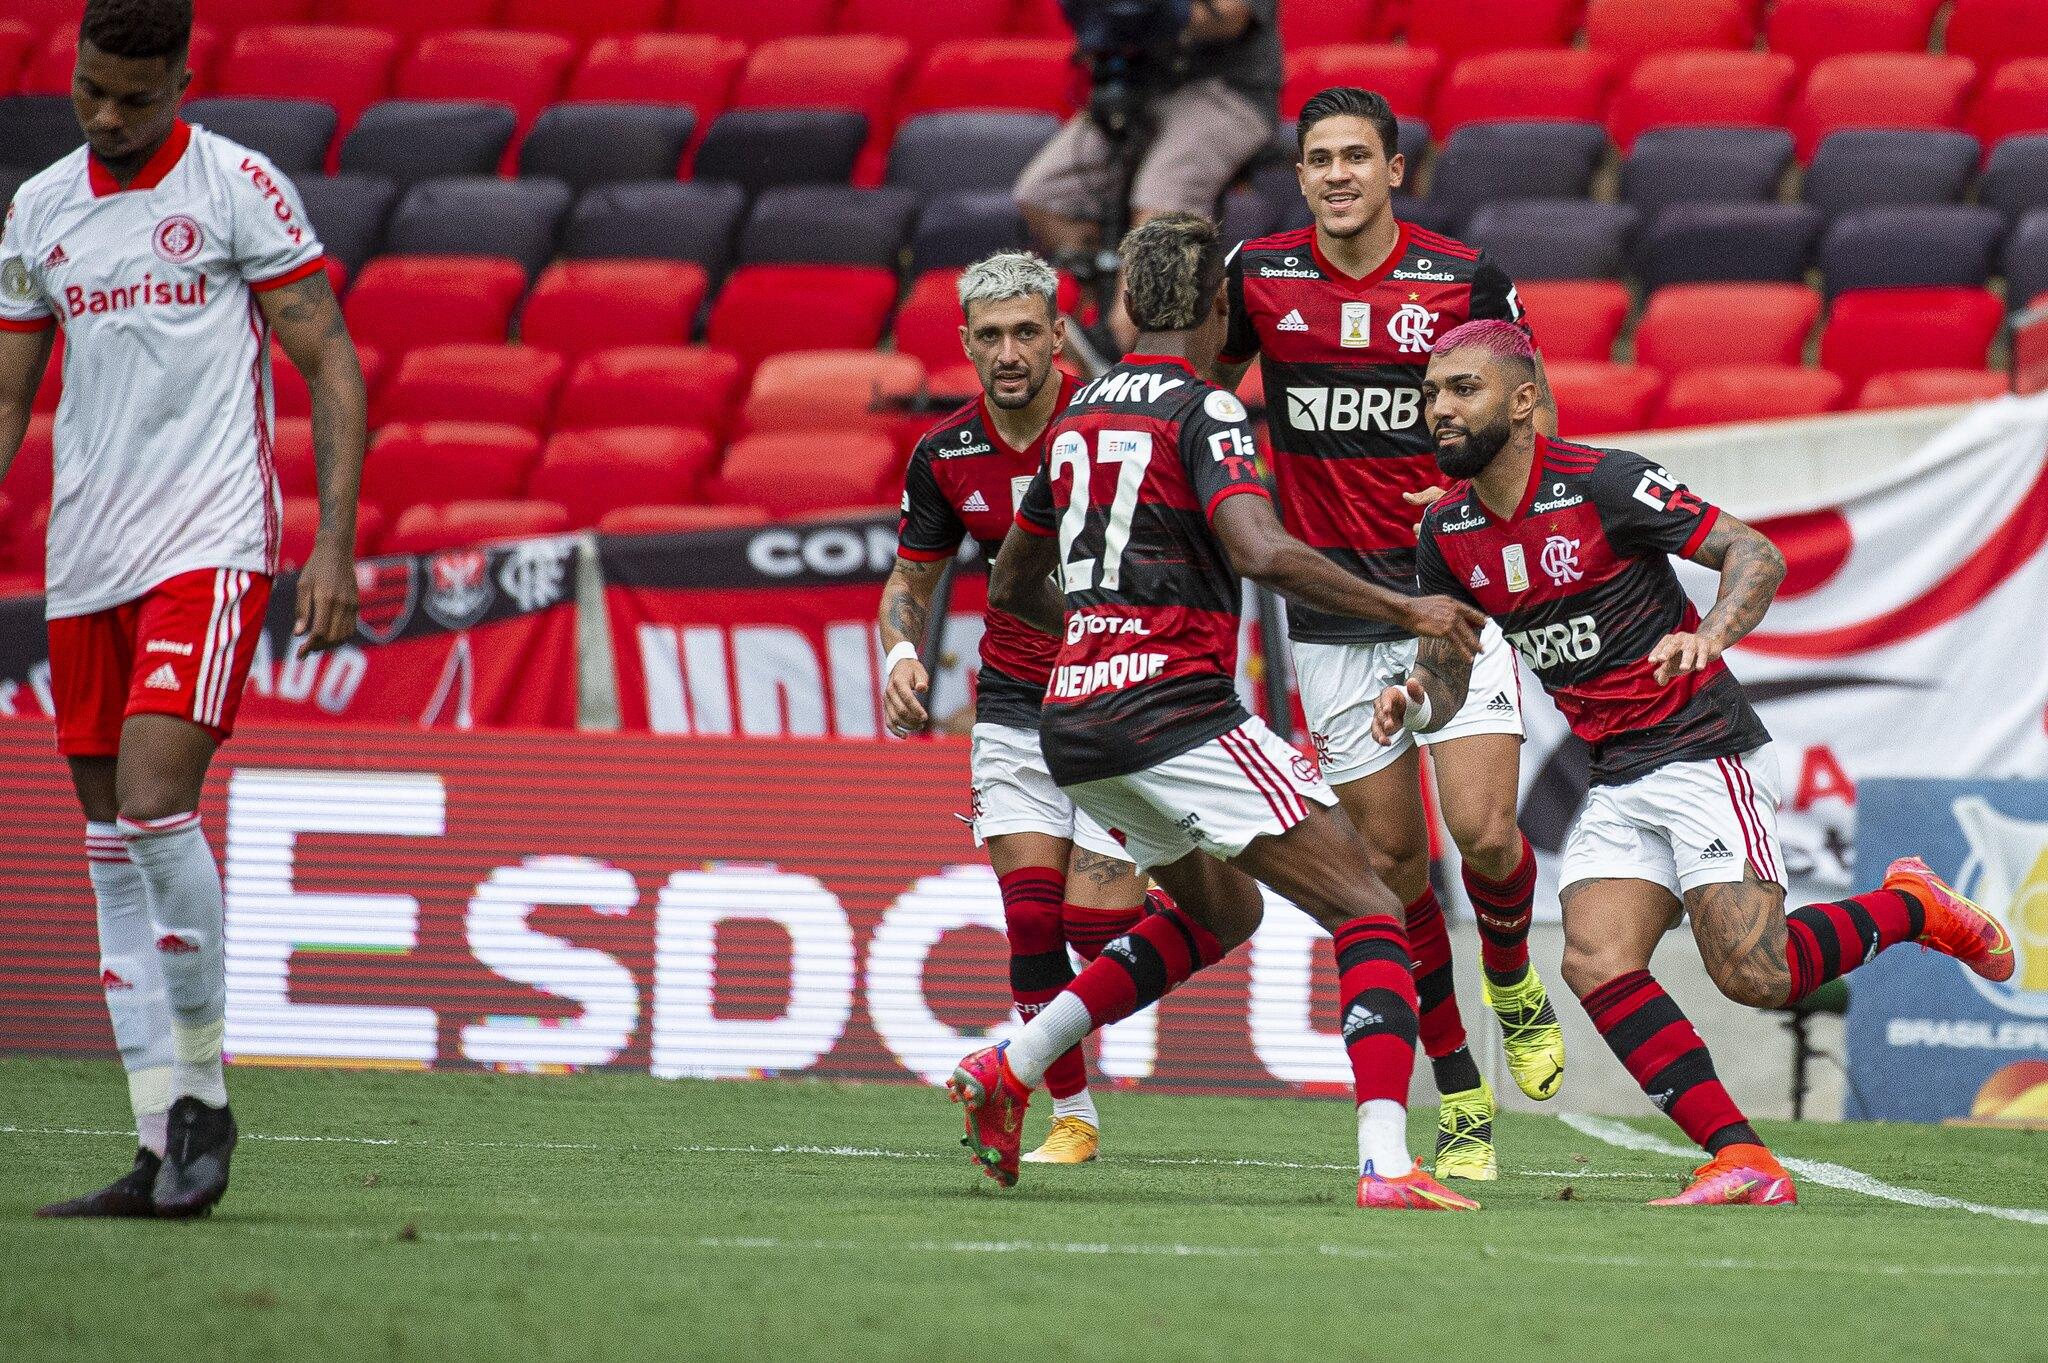 Em boa sequência de quatro vitórias, Flamengo sedia a partida contra o Internacional na noite deste domingo (8), às 18h15, no Maracanã